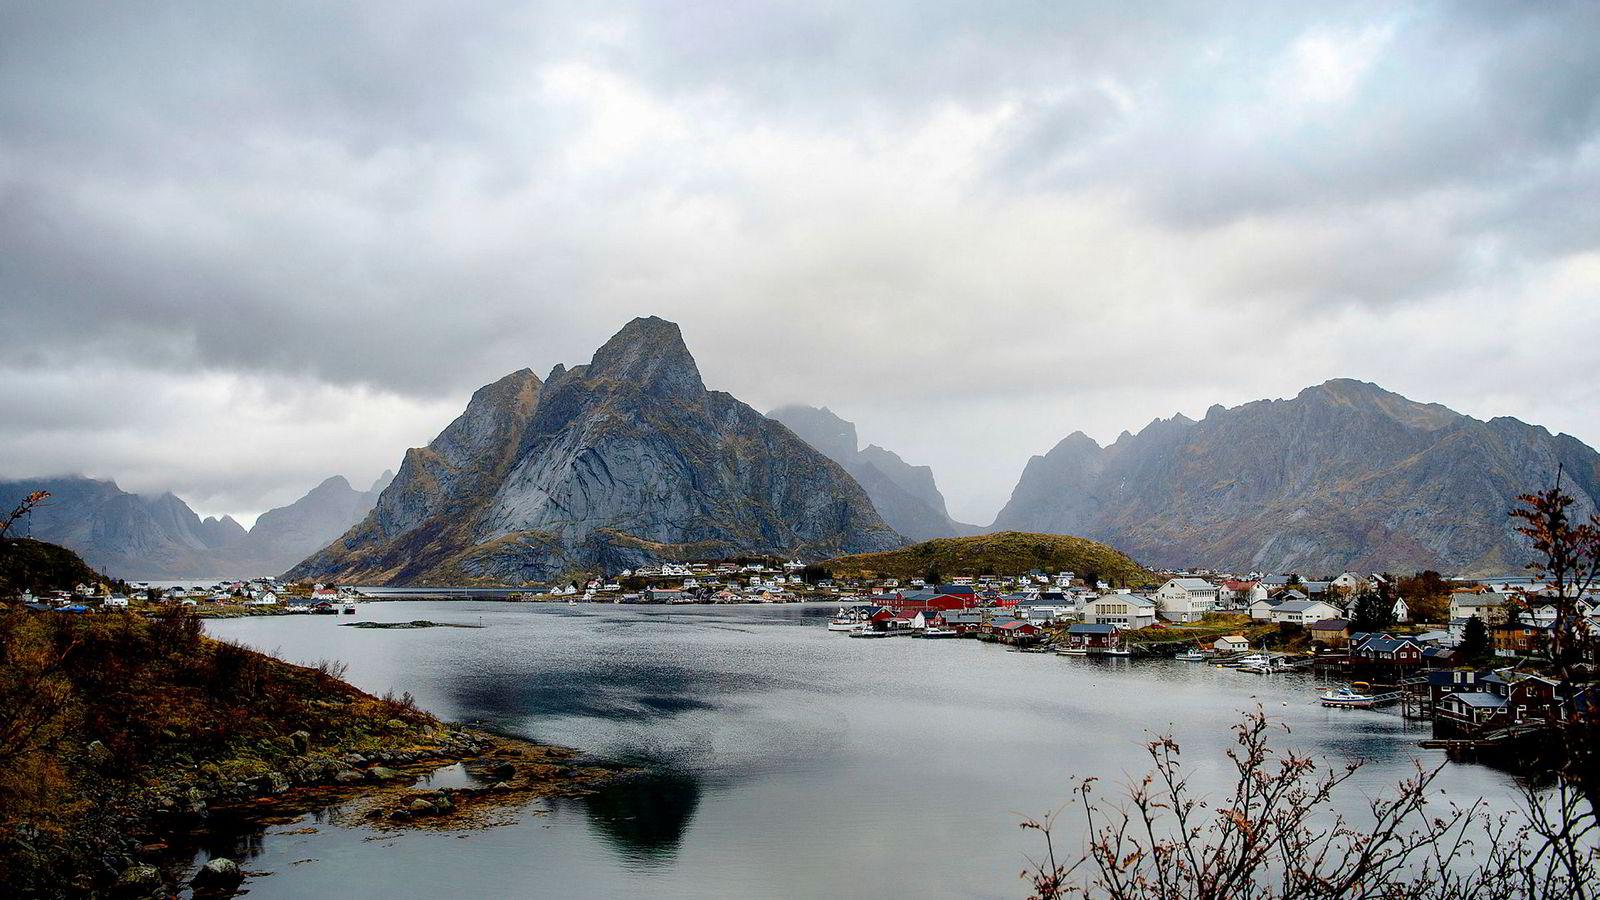 Det blir ikke oljevirksomhet her. Eller i andre deler av Lofoten, Vesterålen og Senja. Bildet er fra Reine sør i Lofoten.